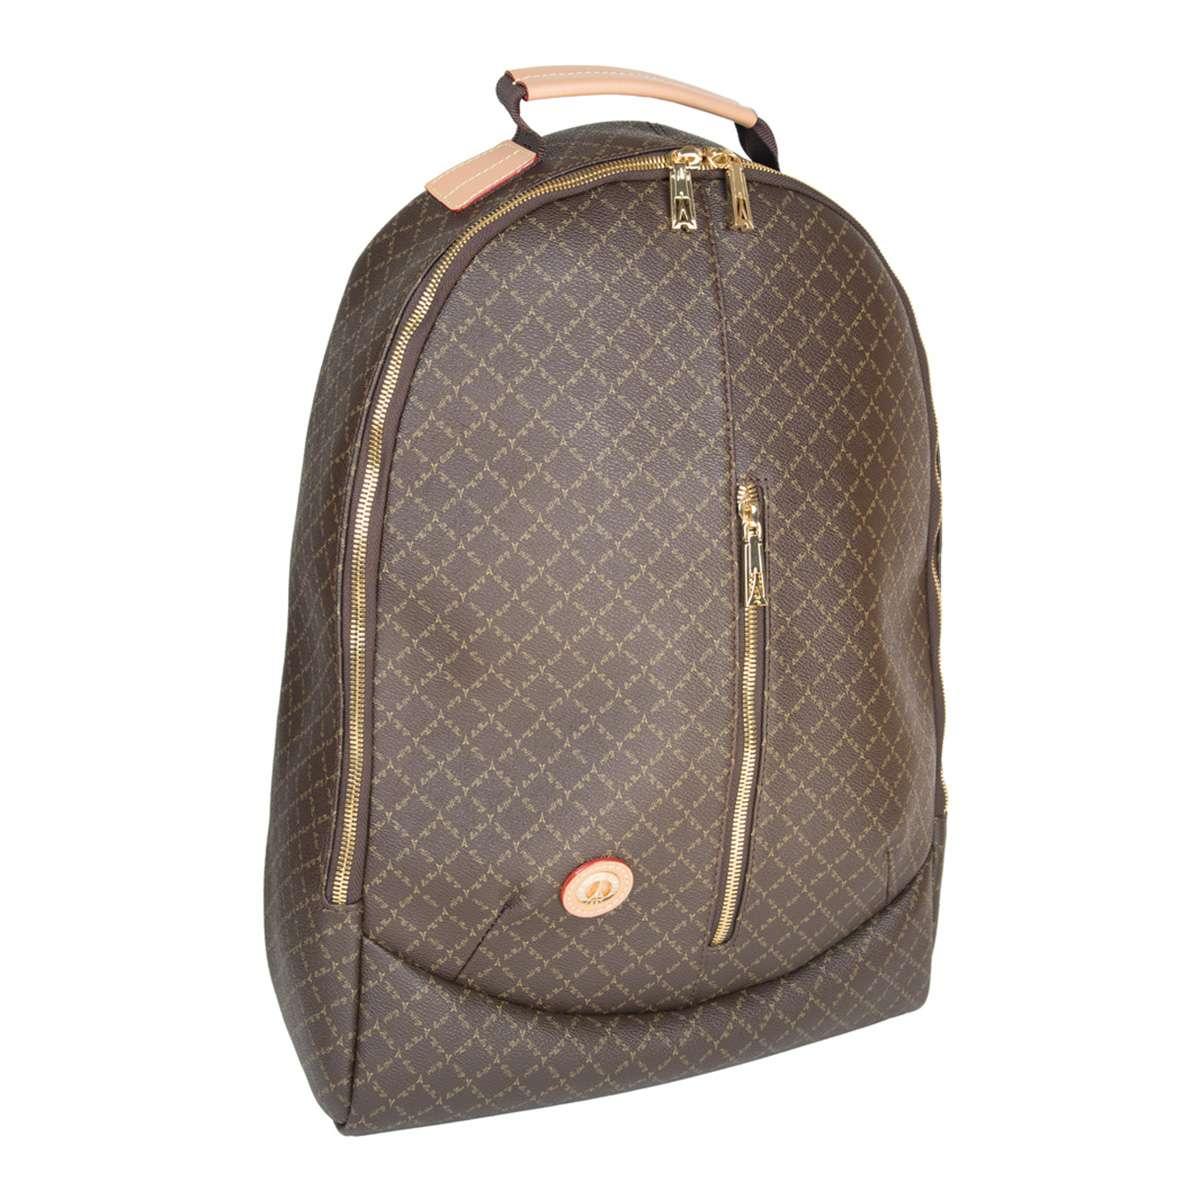 Bagsin-Eiffel-171-301-12-02-Brown